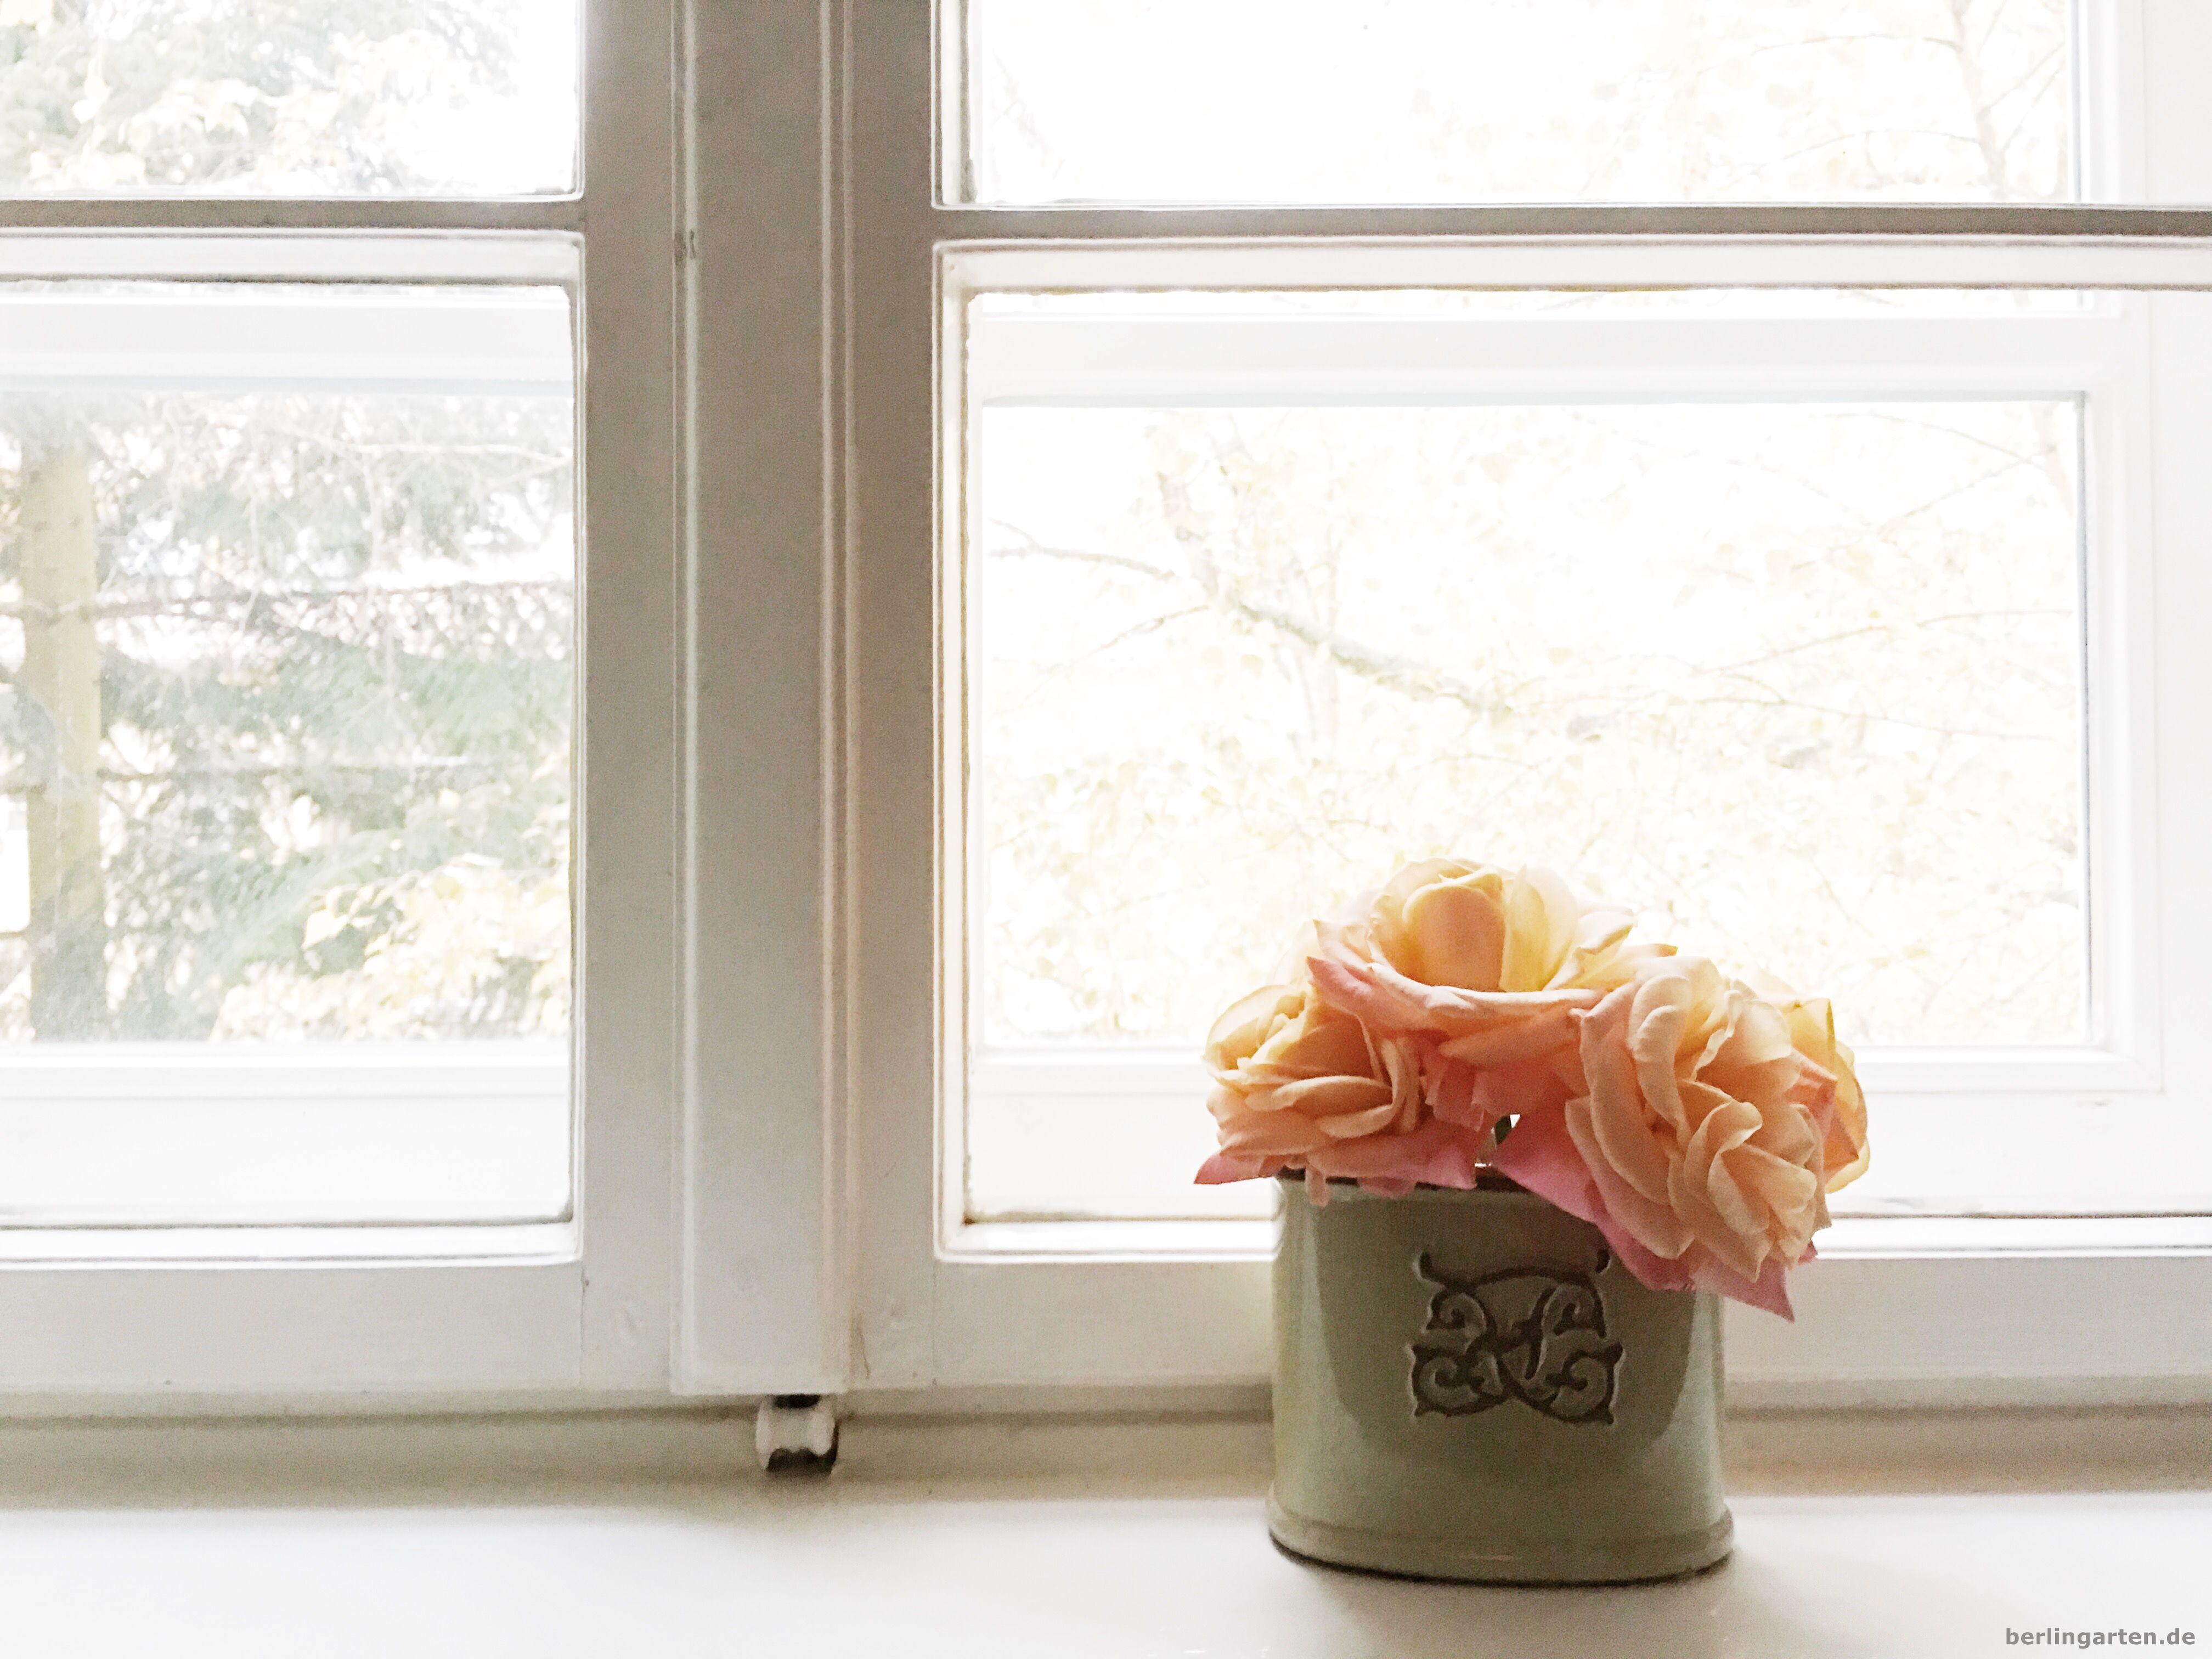 Trost und Freude: Die Rosen bringen Licht in die triste Jahreszeit